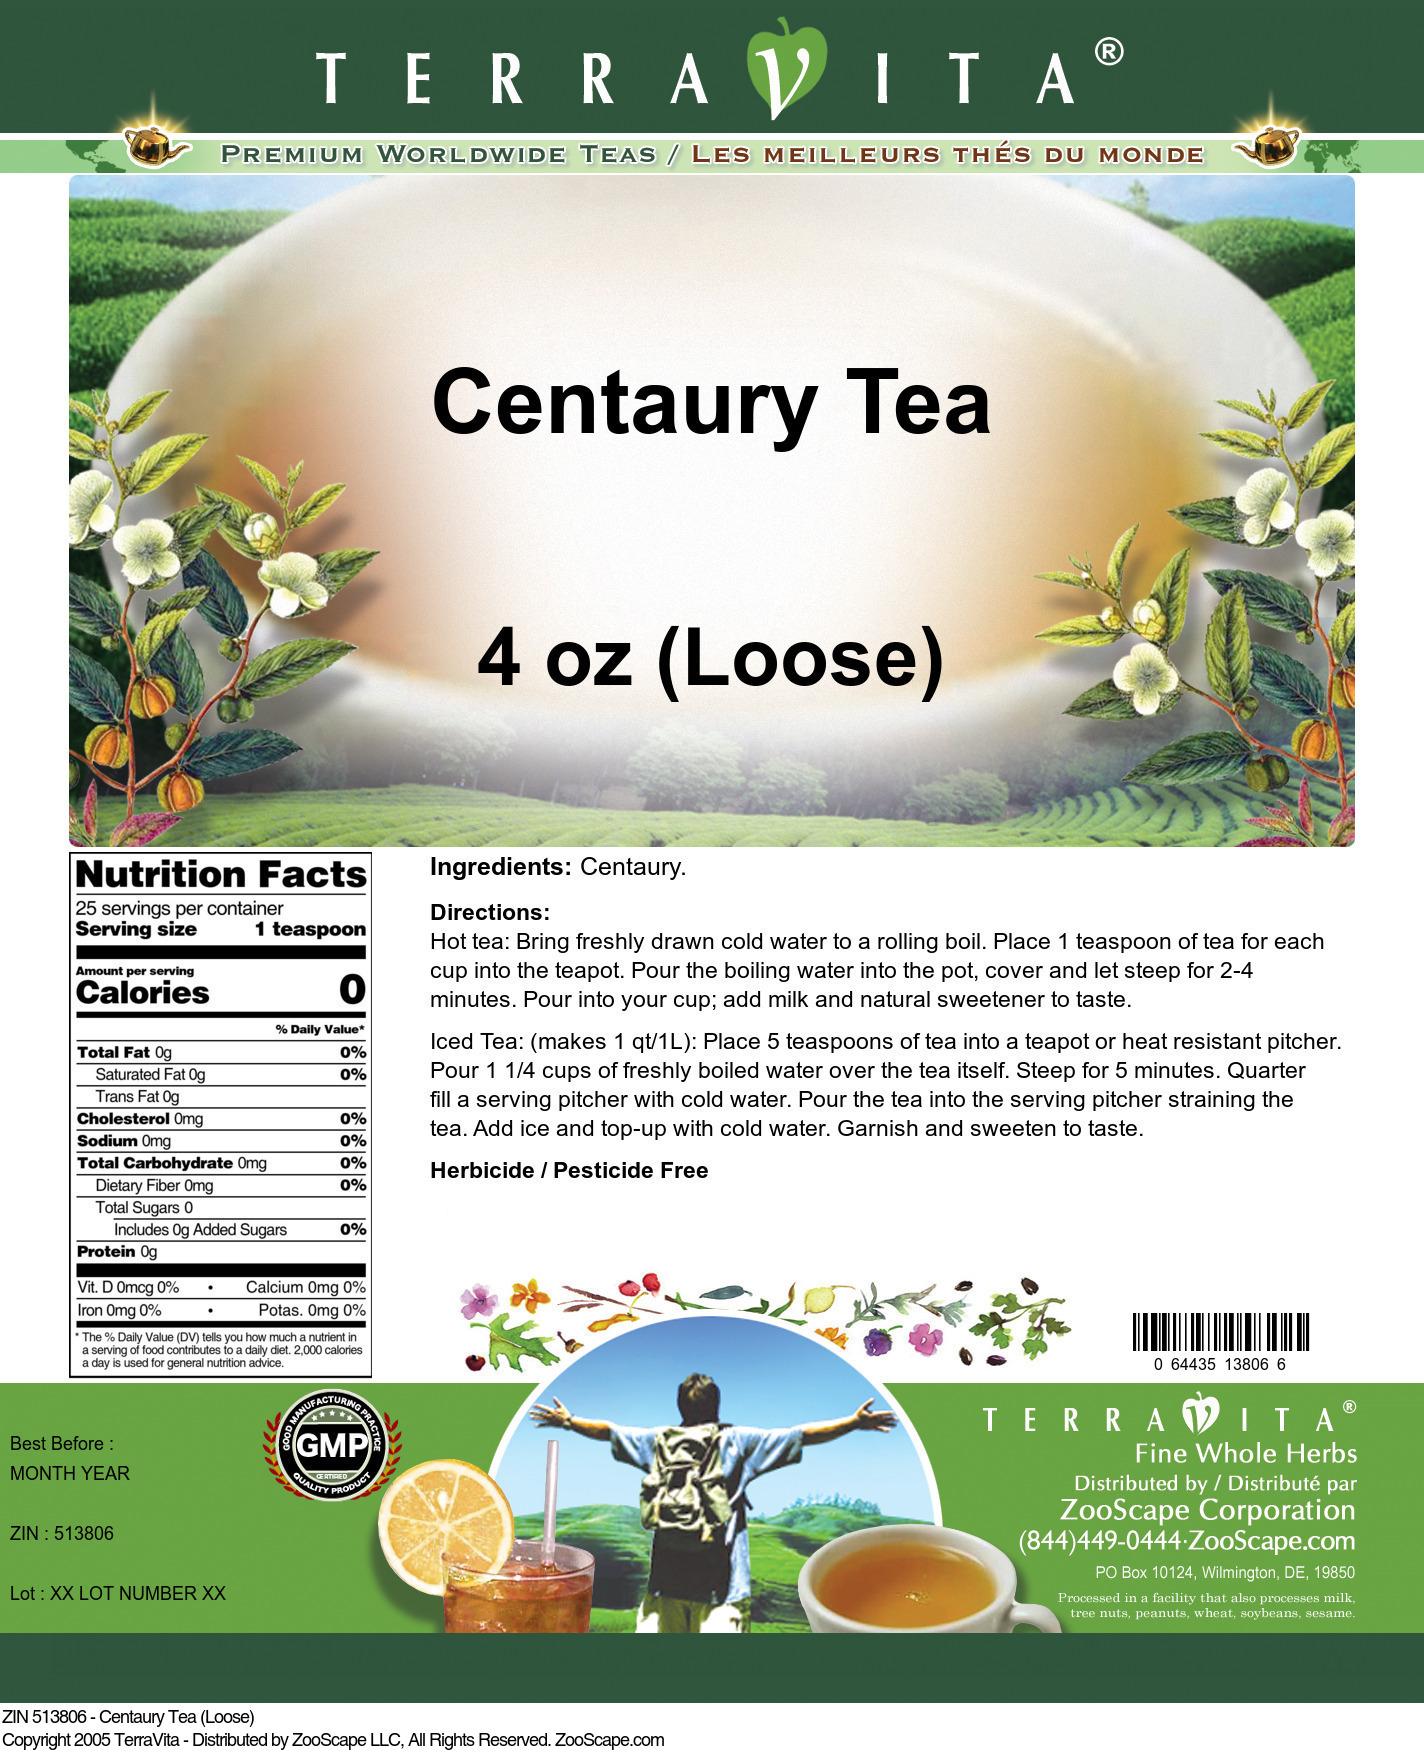 Centaury